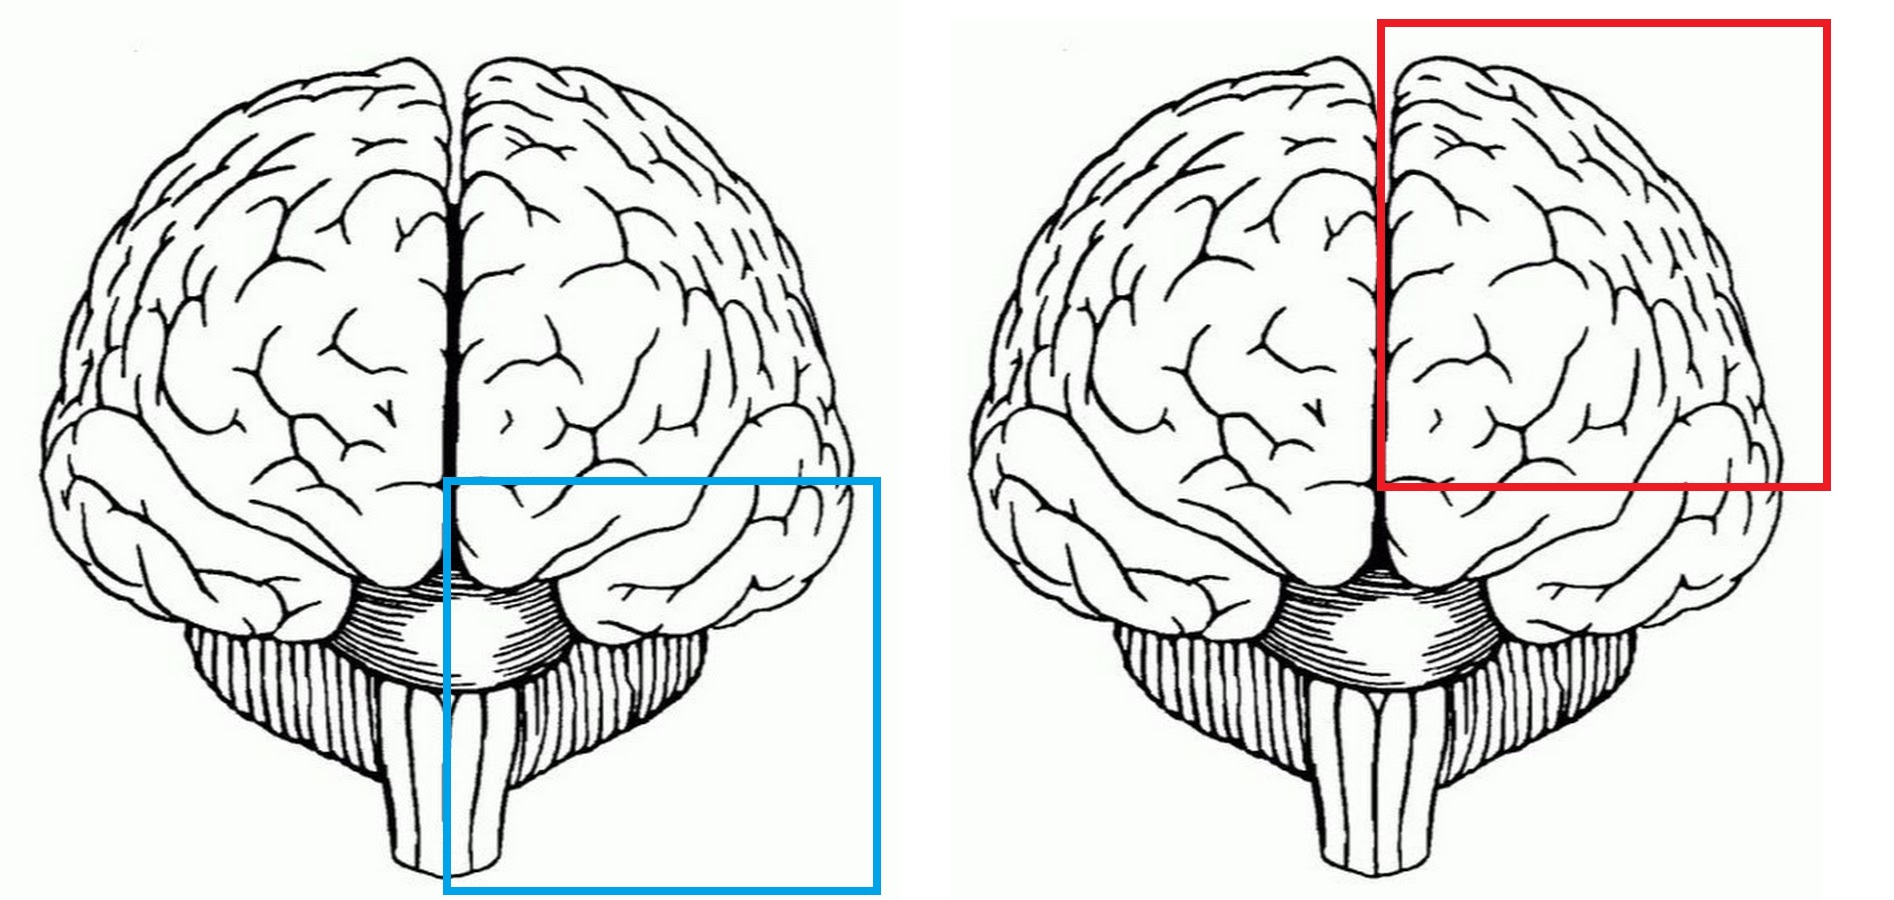 Инструкция по переносу своего сознания на цифровой носитель - 4